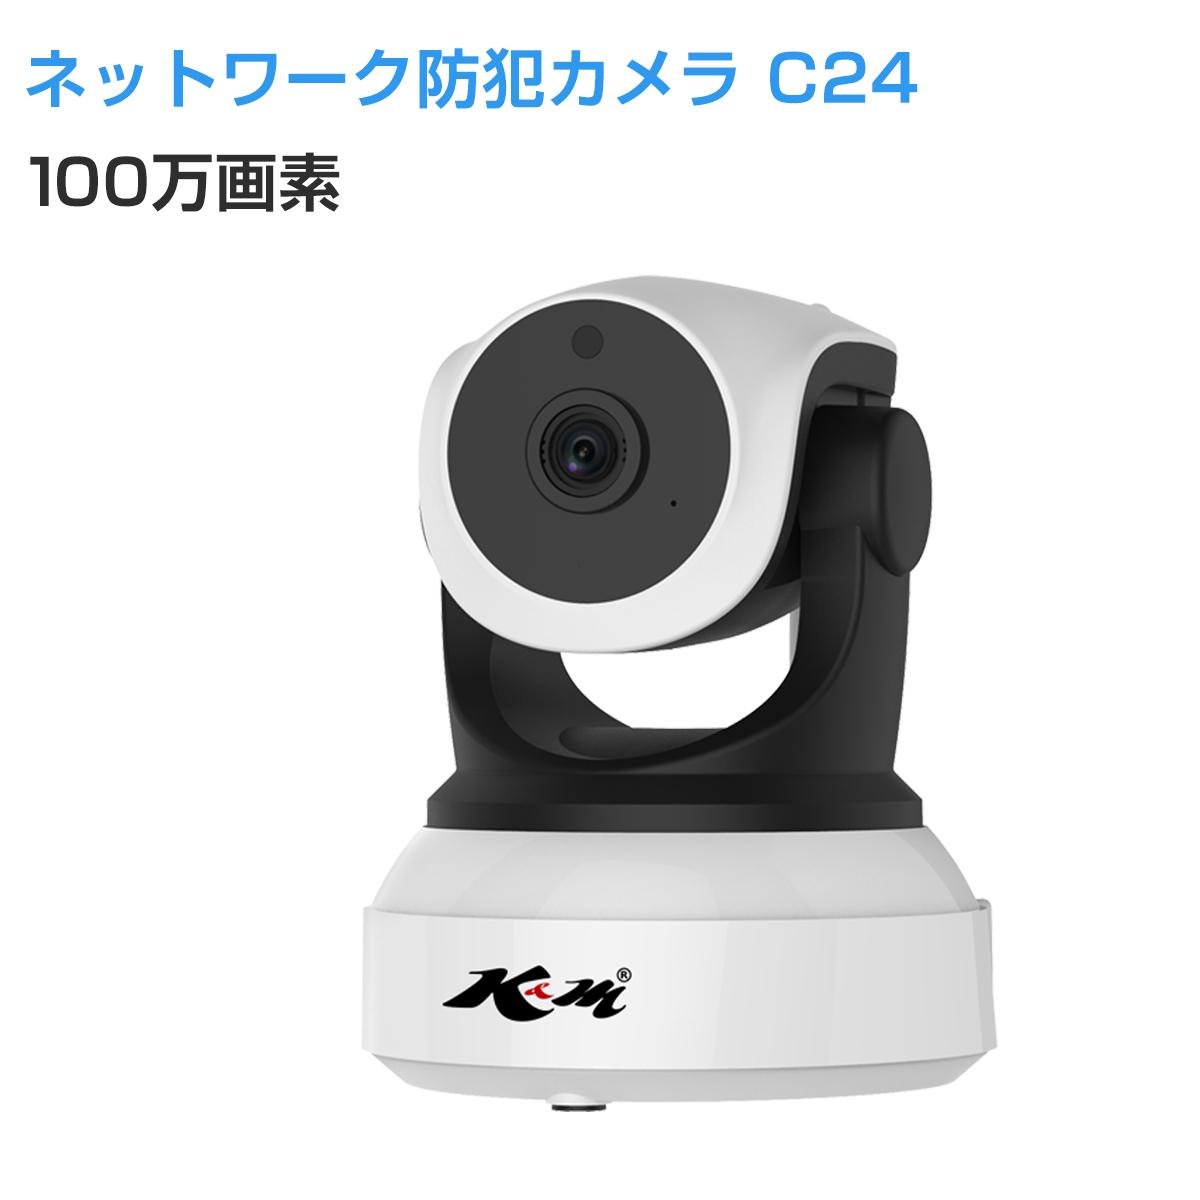 防犯カメラ 100万画素 C7824 ベビー ペットモニター 新モデル VStarcam ワイヤレス 無線WIFI MicroSDカード録画 電源繋ぐだけ 屋内用 監視 ネットワーク IP WEB カメラ モーション探知 宅配便送料無料 PSE 在庫処分1ヶ月保証 K&M